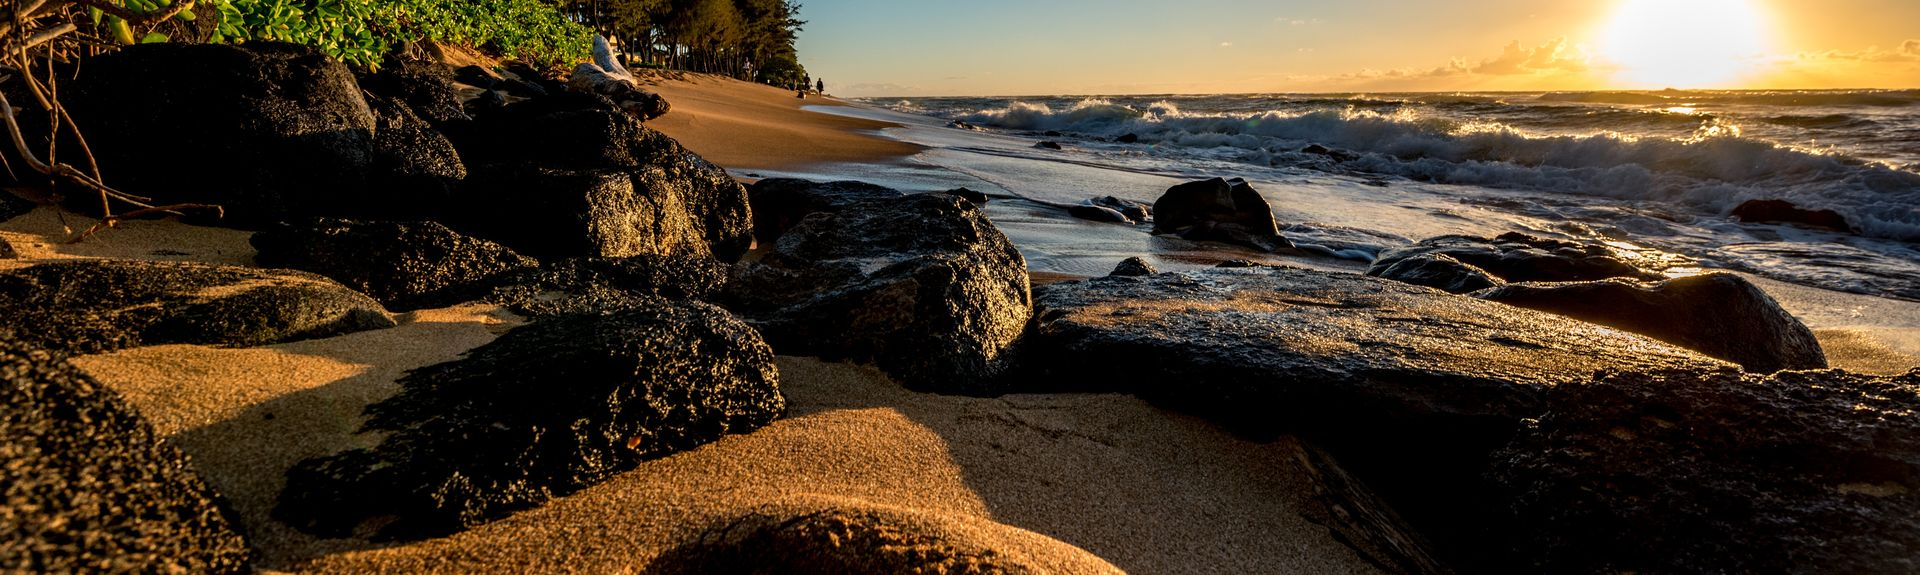 Καουάι, Χαβάη, Ηνωμένες Πολιτείες